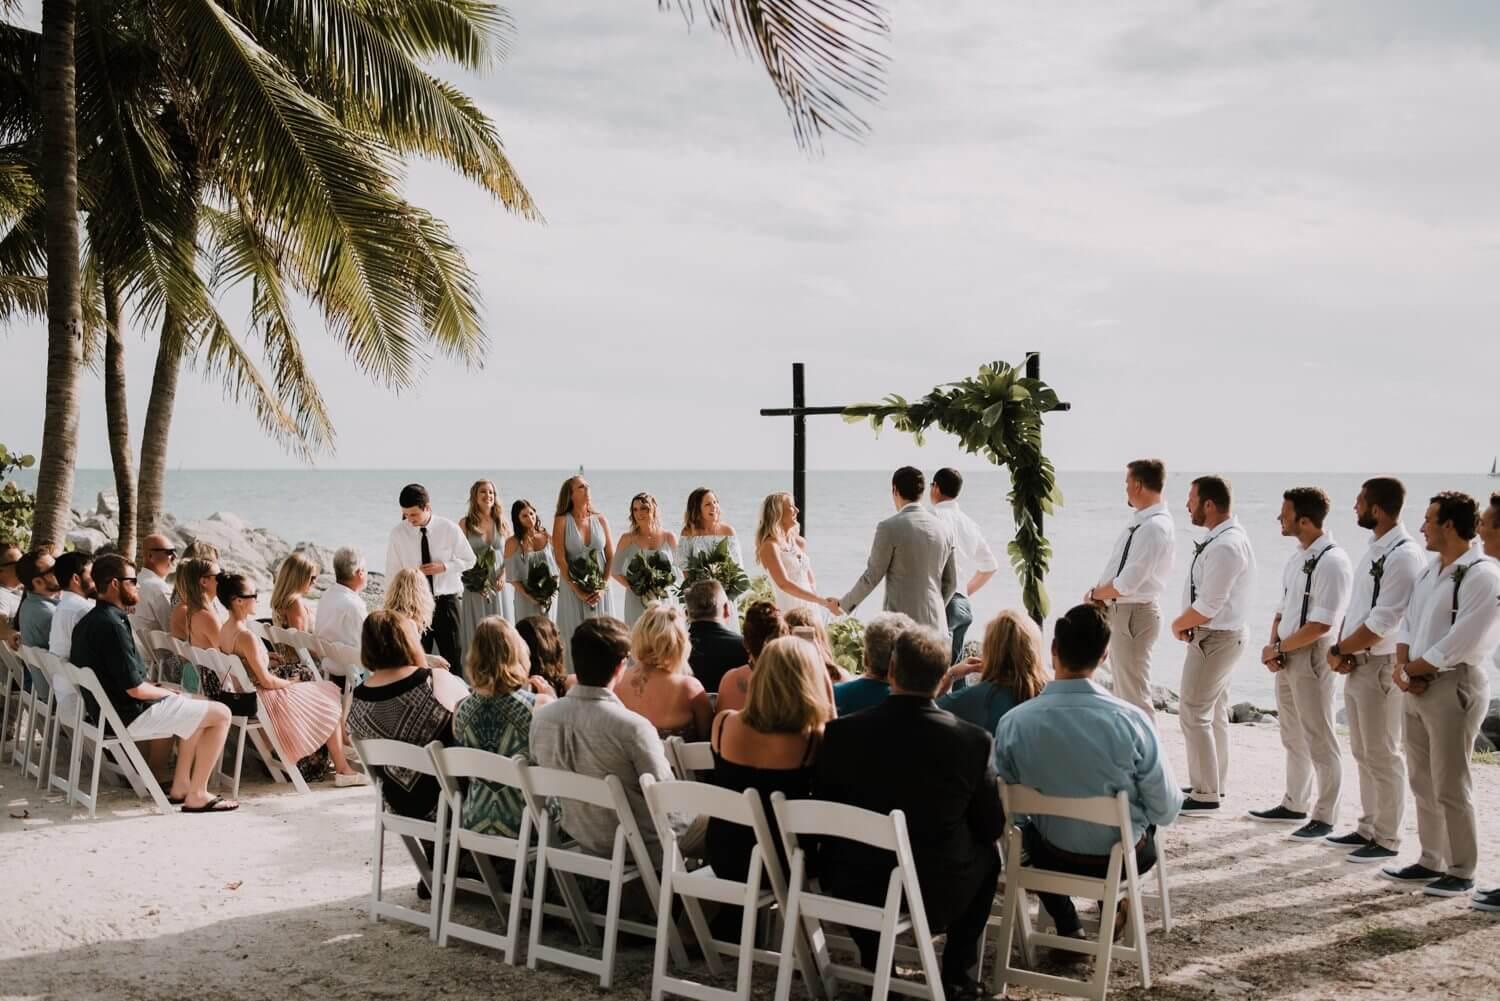 hyatt centric key west wedding 43 1 - Key West Wedding Photographer - Samantha & Alex - Summer Fete in Key West